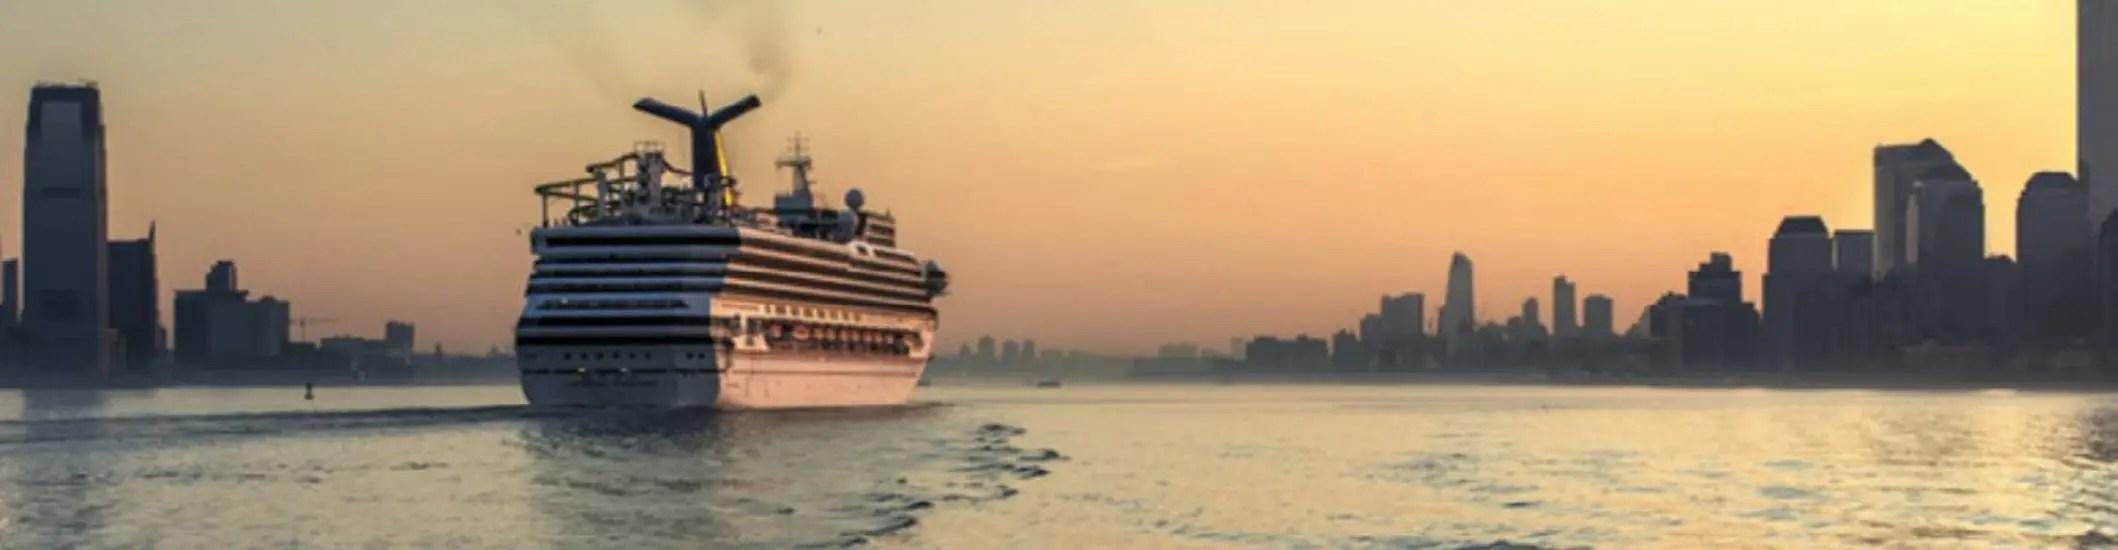 Mastercard Travel & Lifestyle Services cruzeiro